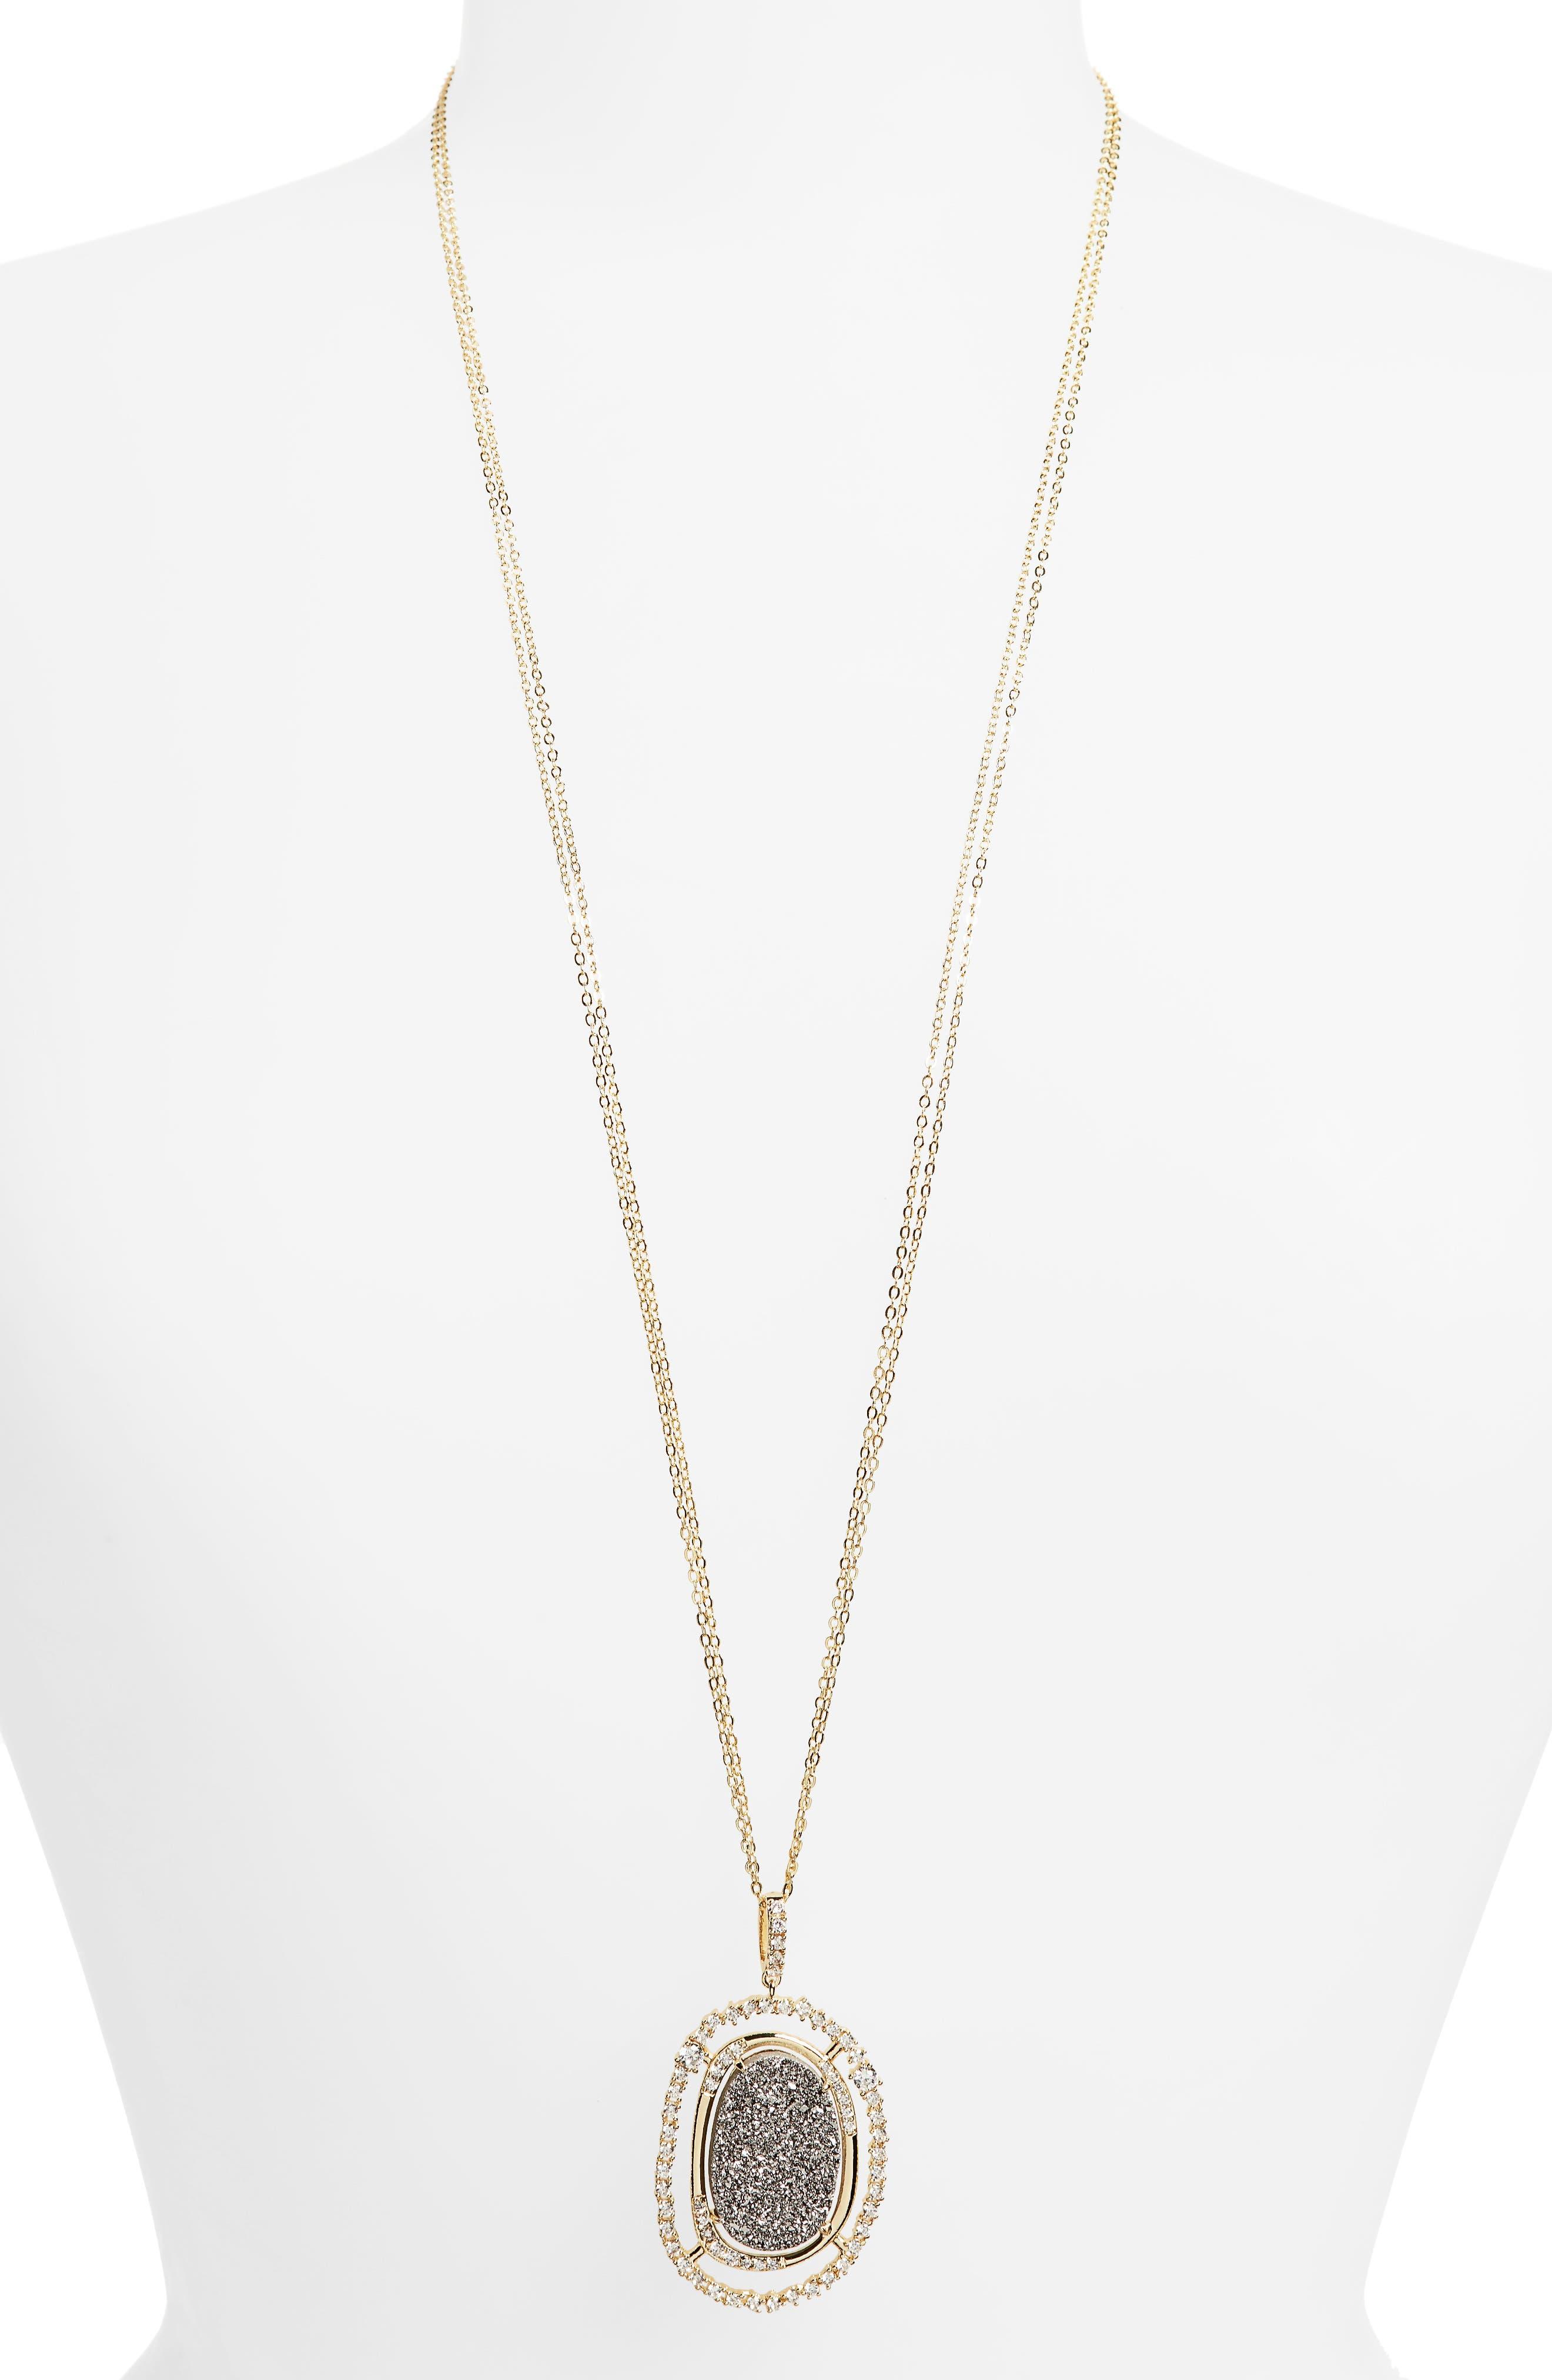 Barrie Long Pendant Necklace,                             Main thumbnail 1, color,                             710